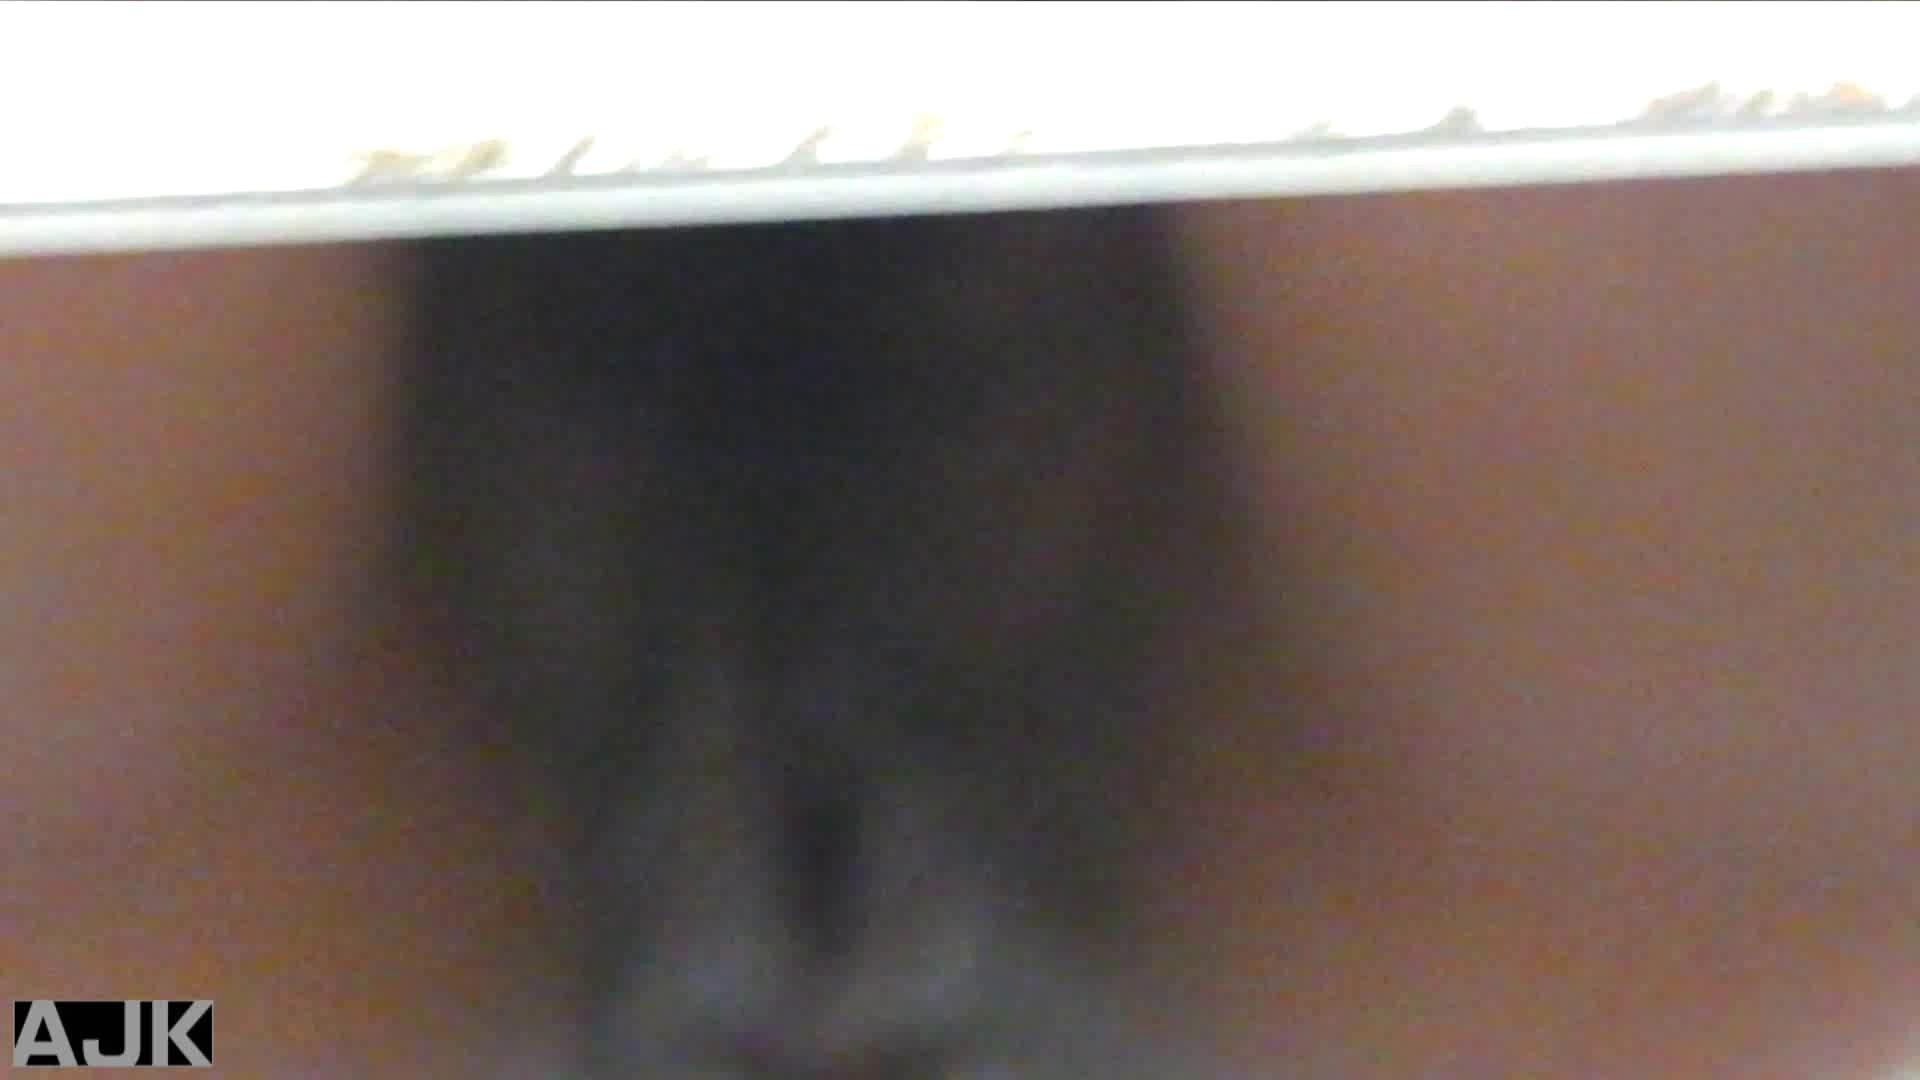 神降臨!史上最強の潜入かわや! vol.07 マンコエロすぎ われめAV動画紹介 83PIX 15